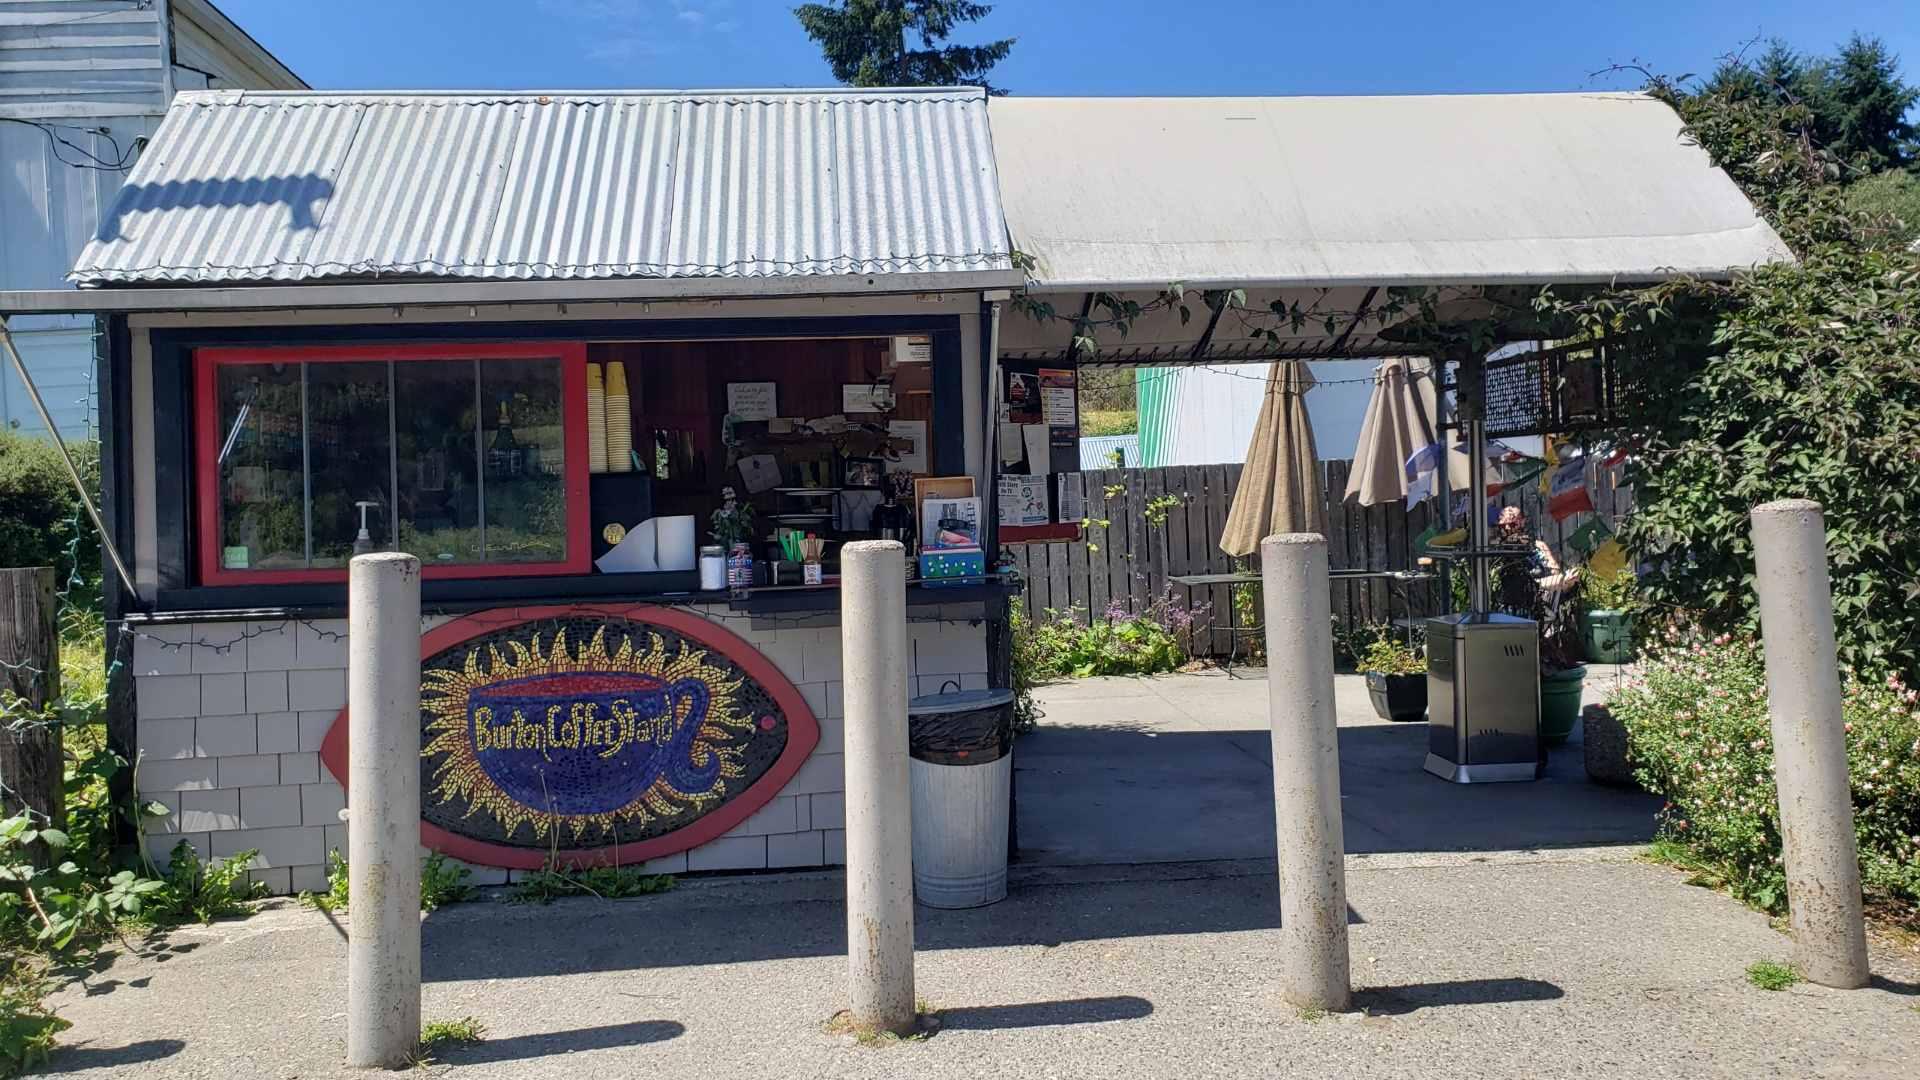 Burton Coffee Stand - Vashon Island Washington